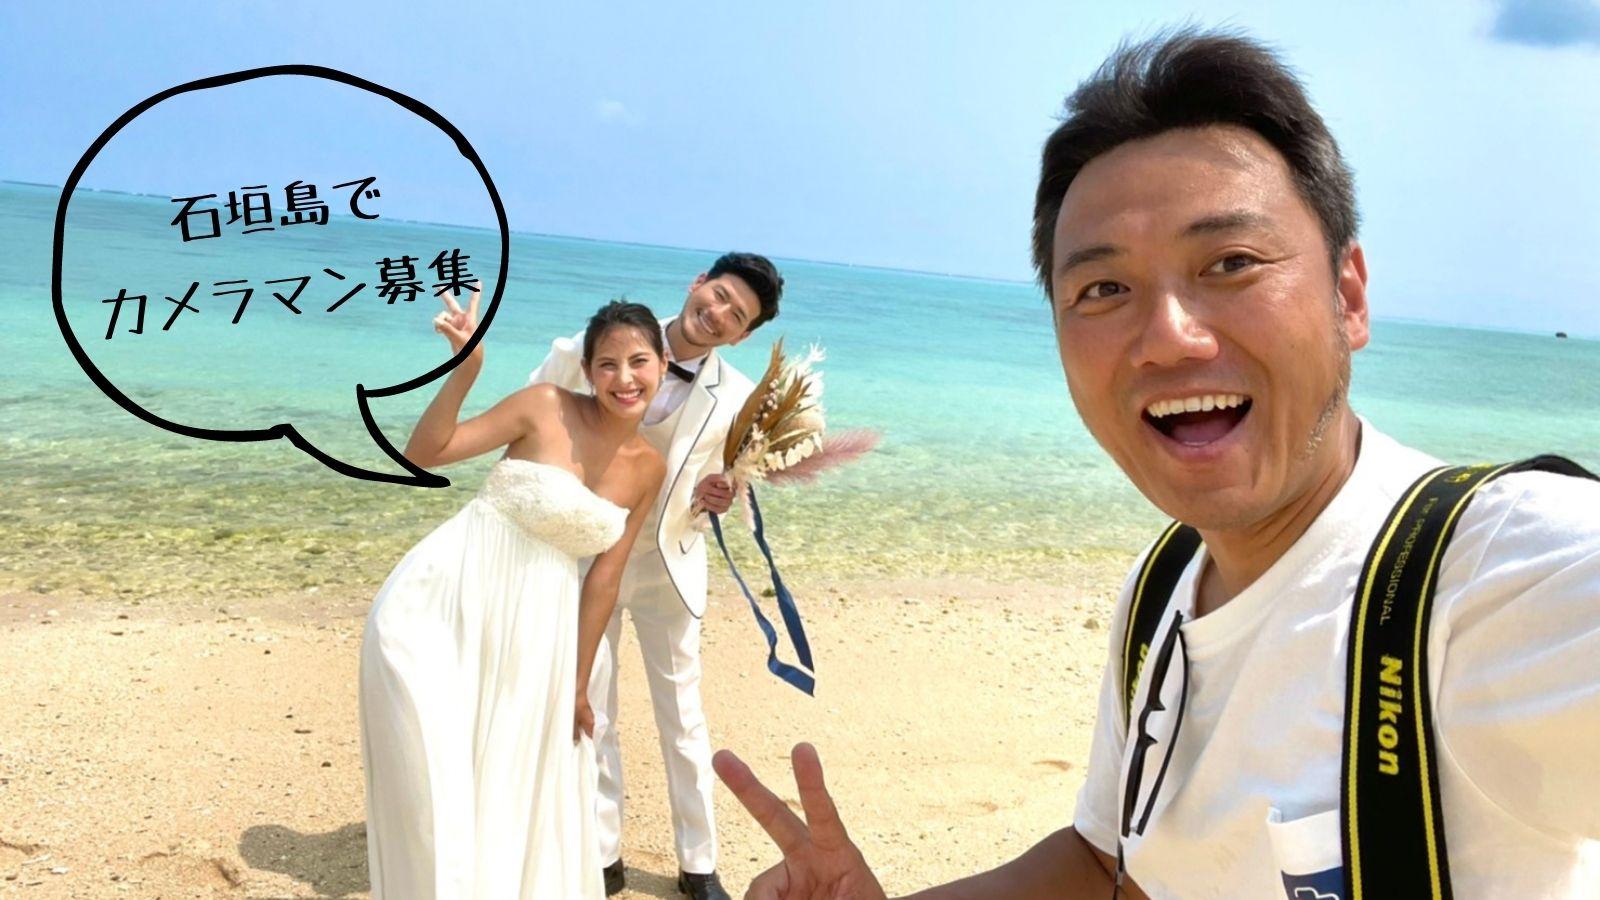 石垣島でカメラマン募集